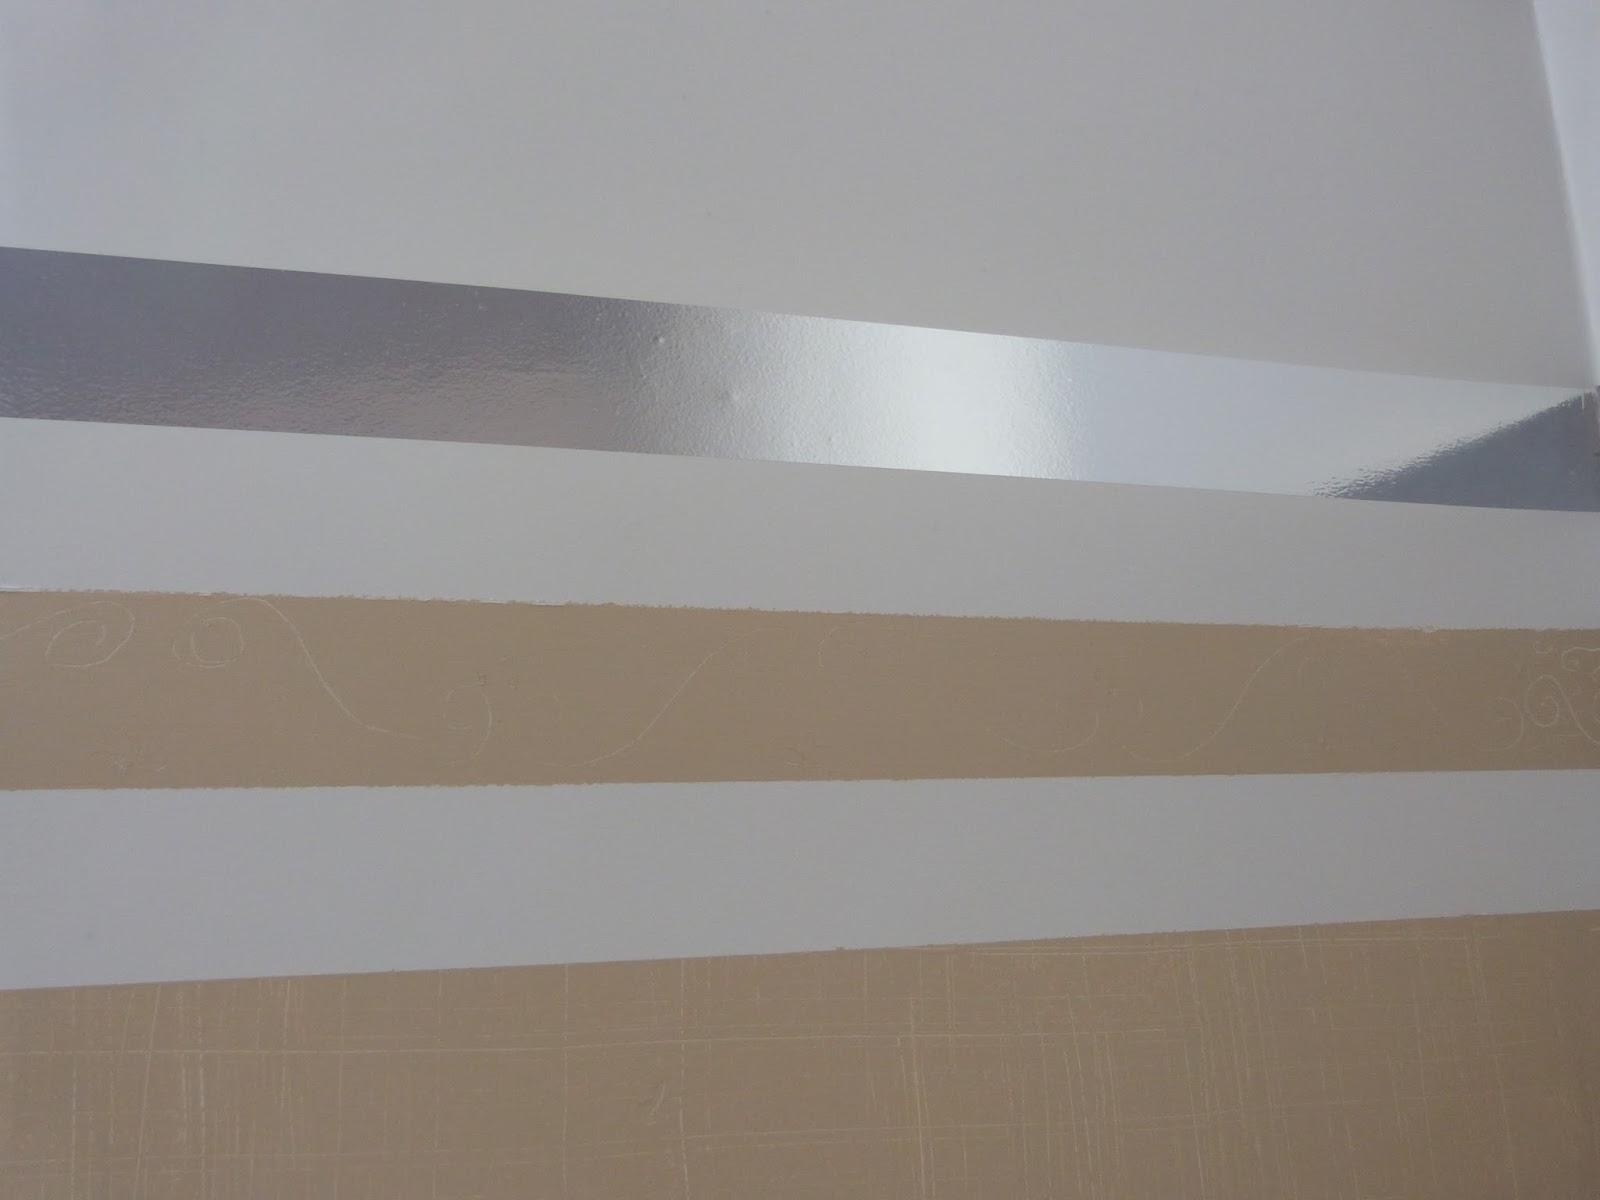 Max f brica de id ias pintura personalizada efeito brin - Pintura metalizada para paredes ...